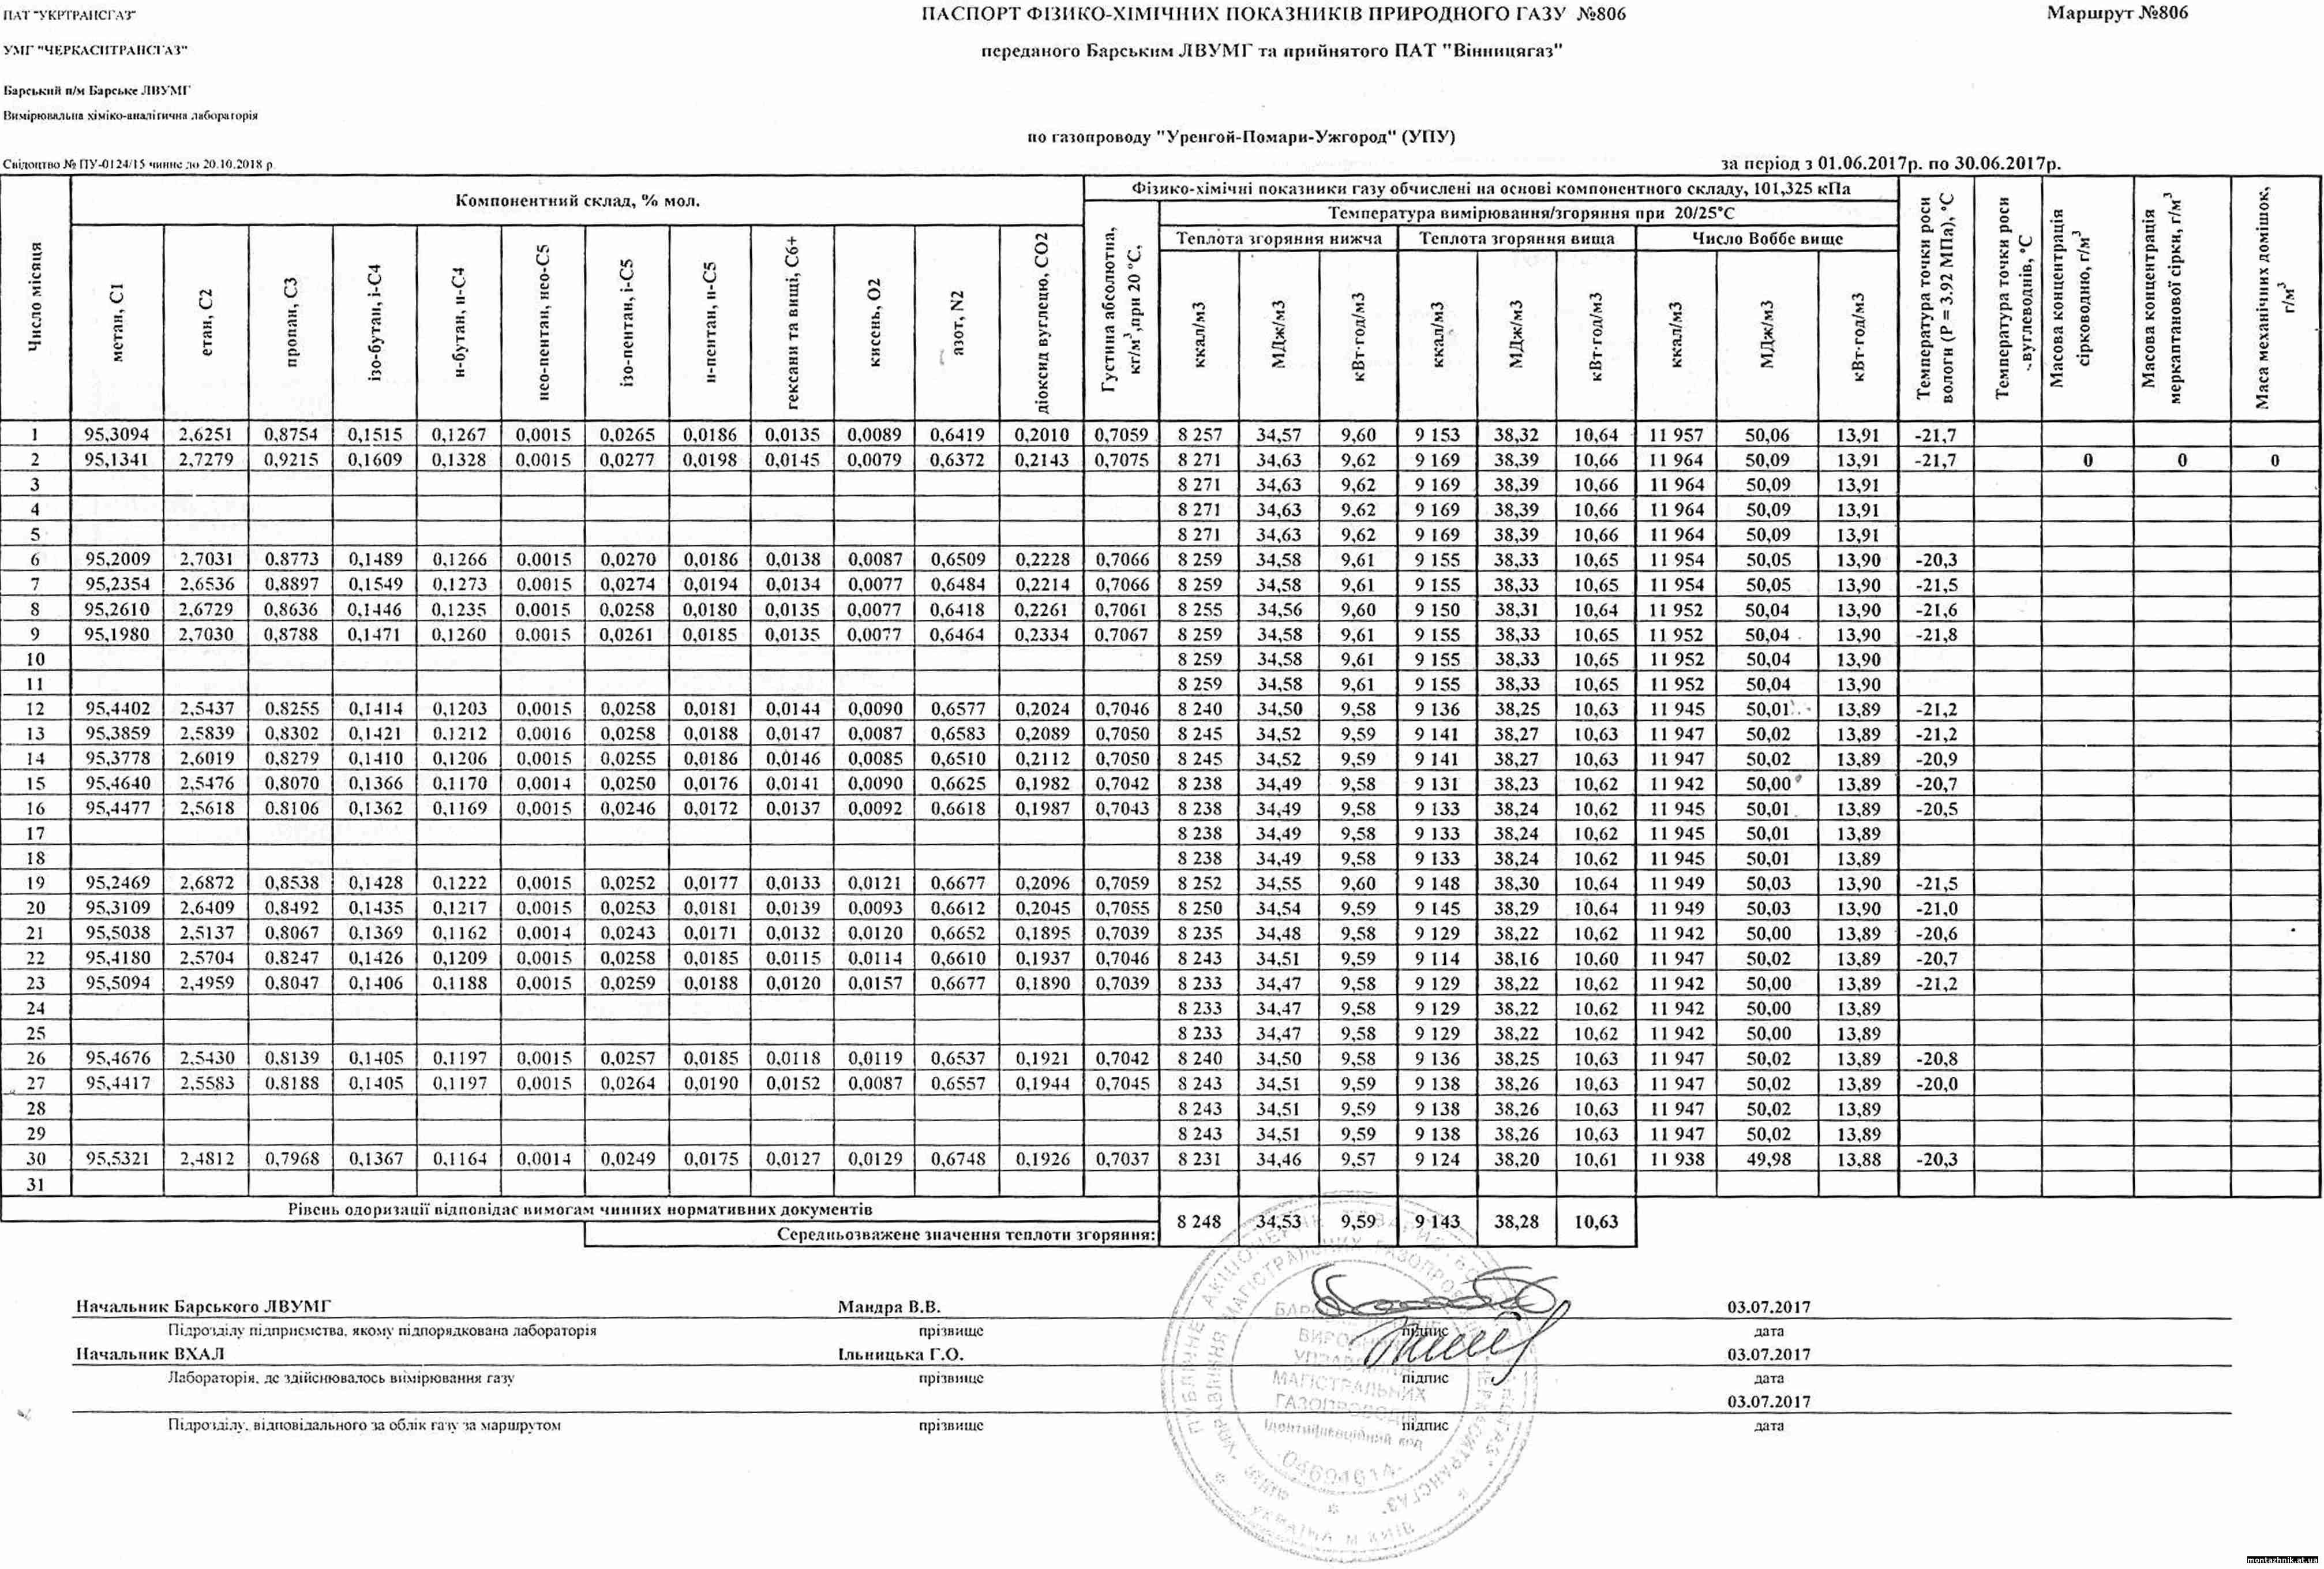 Паспорт фізико-хімічних показників природного газу за червень 2017 р. по ДП Монтажник